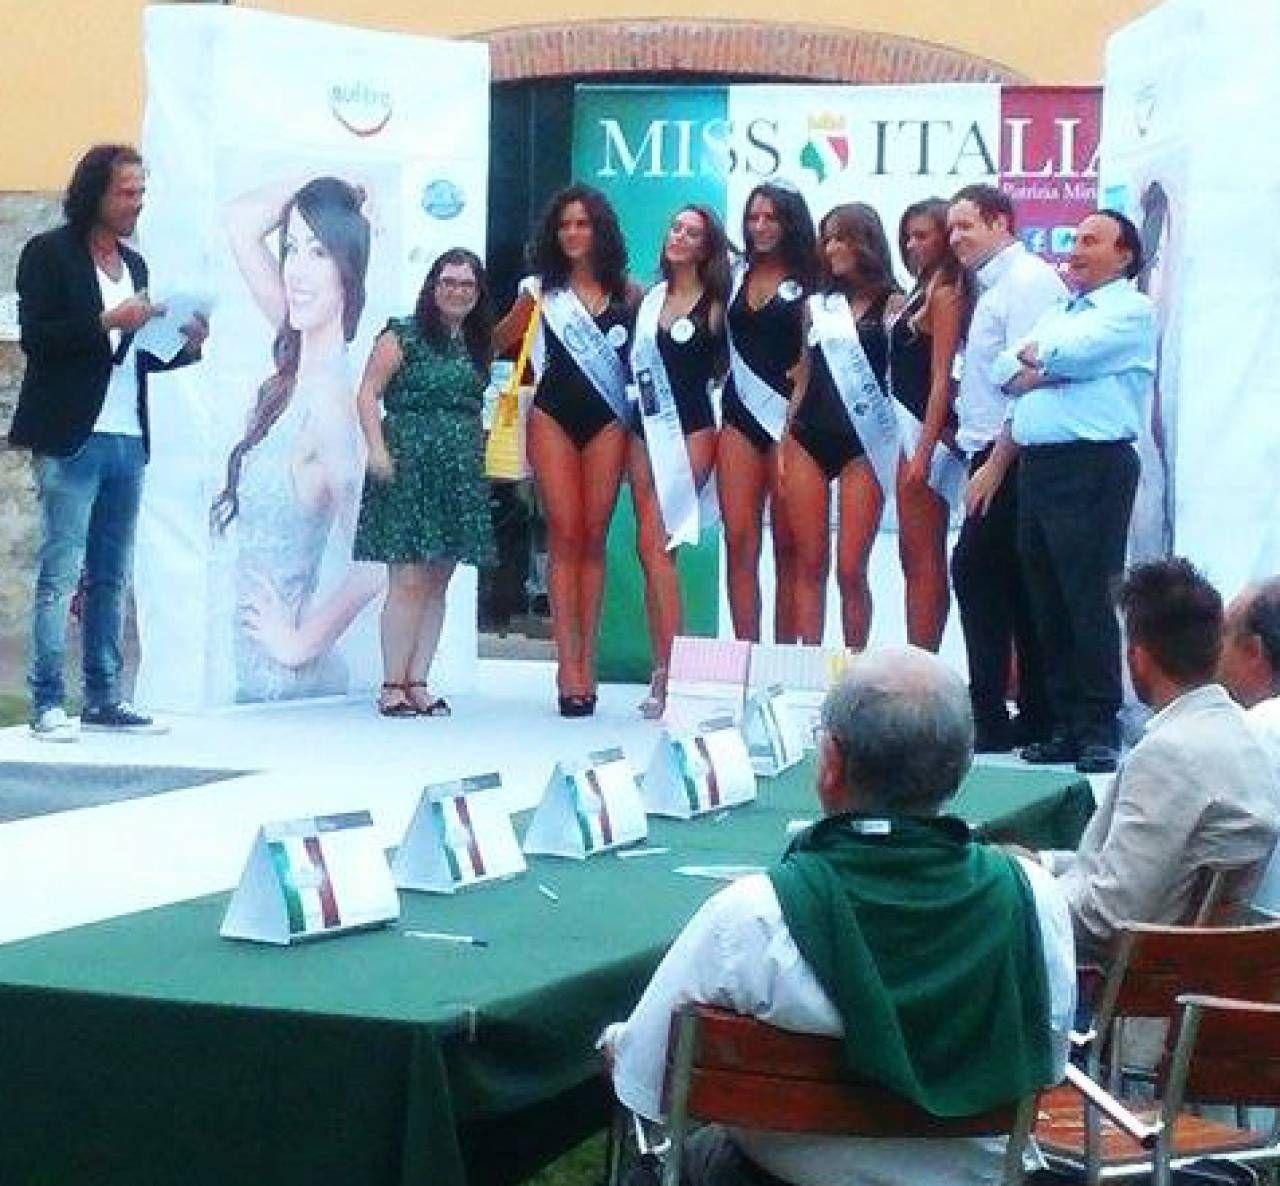 Bellezze In Passerella Miss Italia Sbarca A Monterenzio Provincia Ilrestodelcarlino It